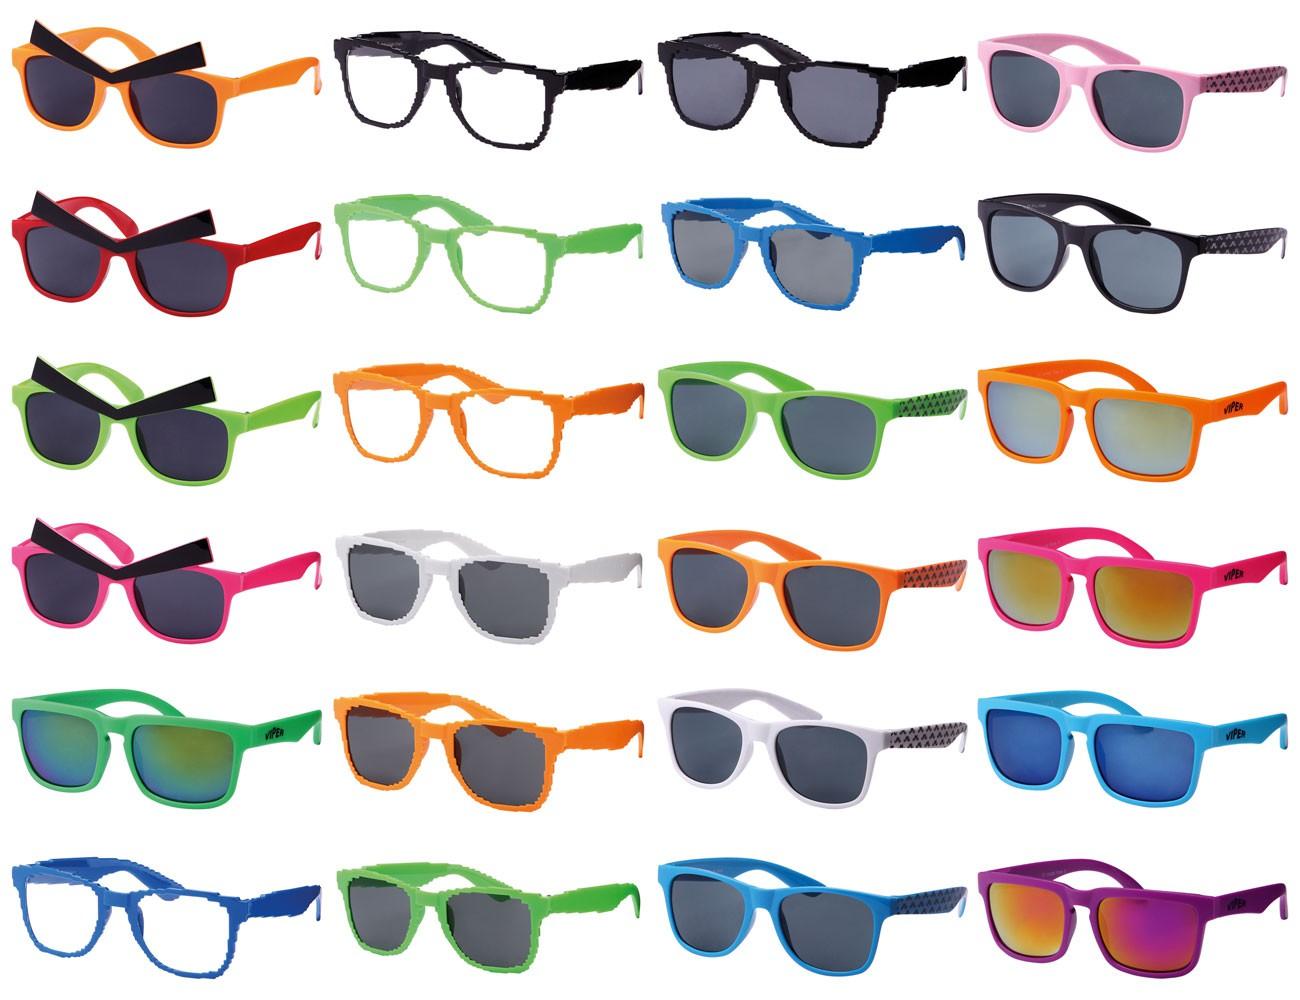 Retro Nerd-Brillen Sonnenbrille Hipster-Brille Party Atzen ALLE ...